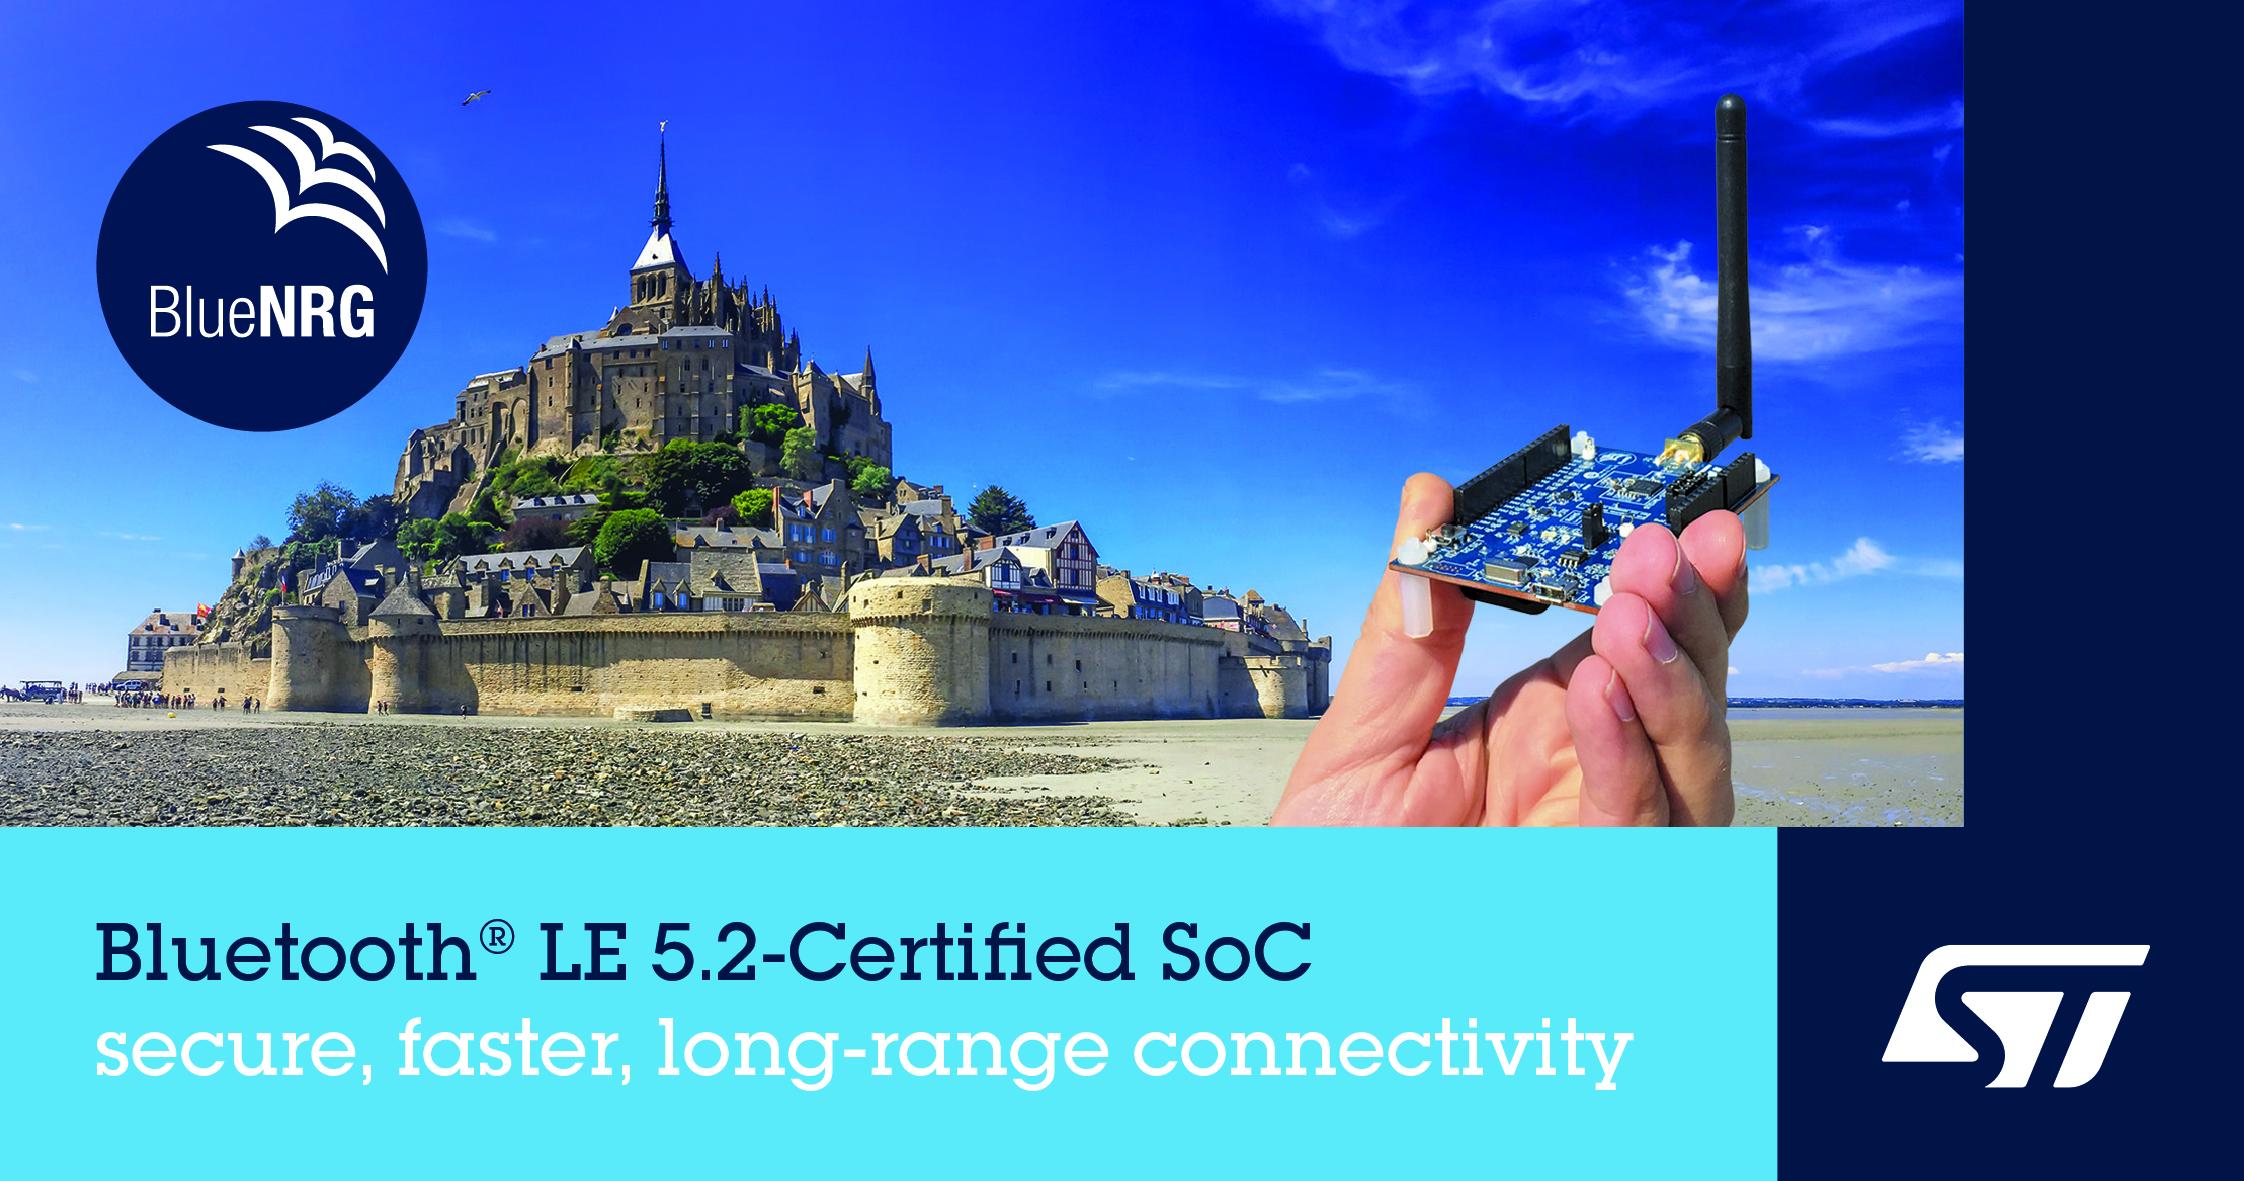 意法半导体推出Bluetooth®5.2认证系统芯片可延长通信距离,提高吞吐量、可靠性和安全性